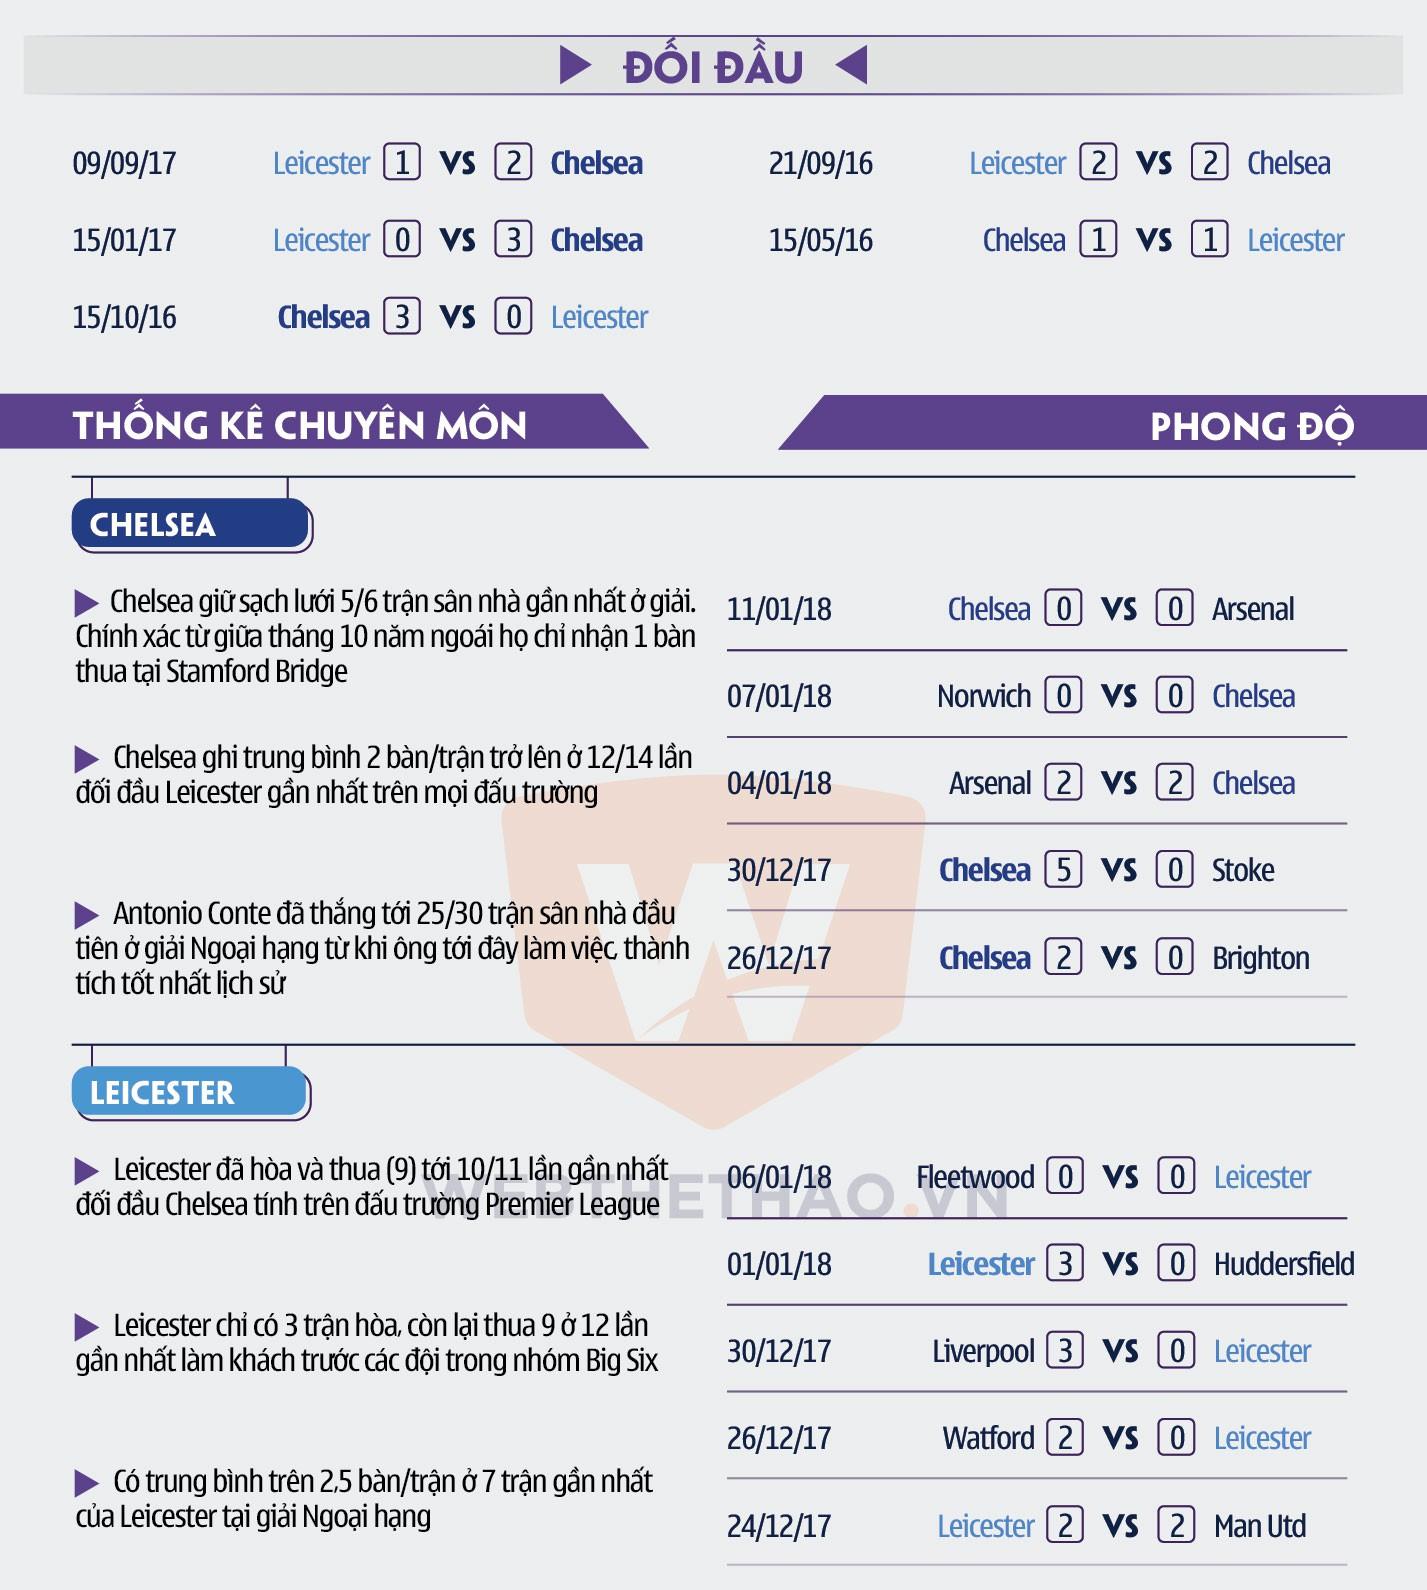 Hình ảnh: Số liệu chuyên môn trận Chelsea - Leicester